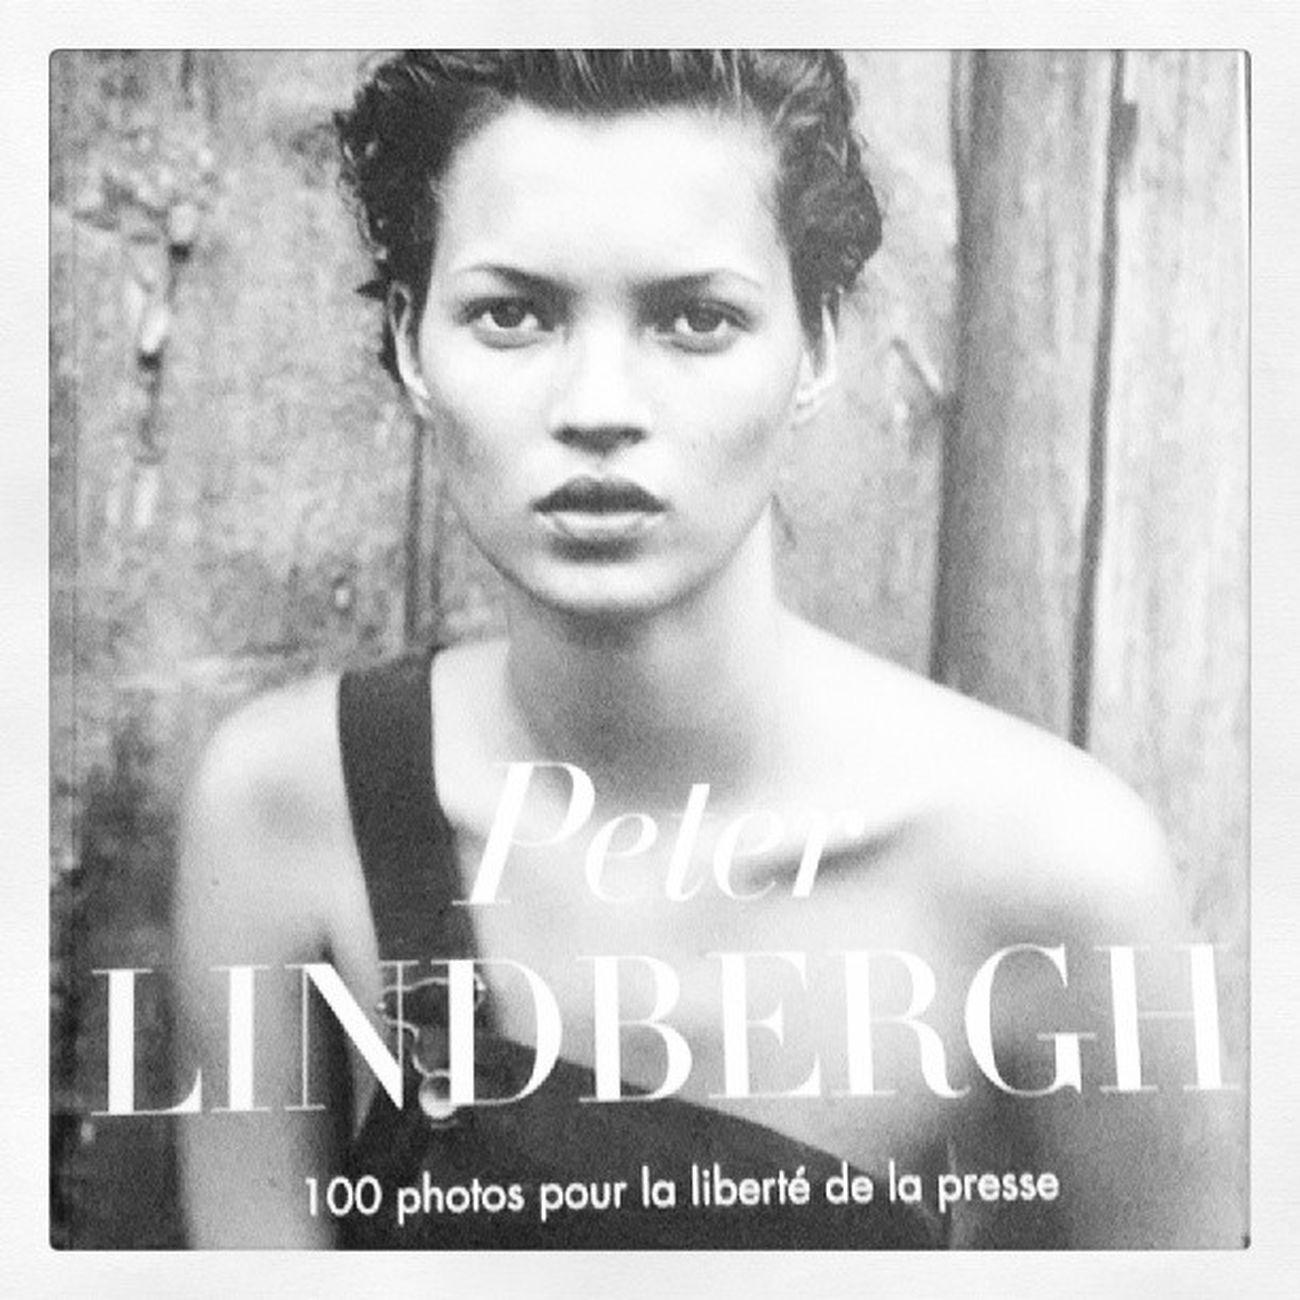 Achetez le magazine 100 photos pour la liberté de la presse, en noir et blanc Peter Lindbergh Reporterssansfrontiere